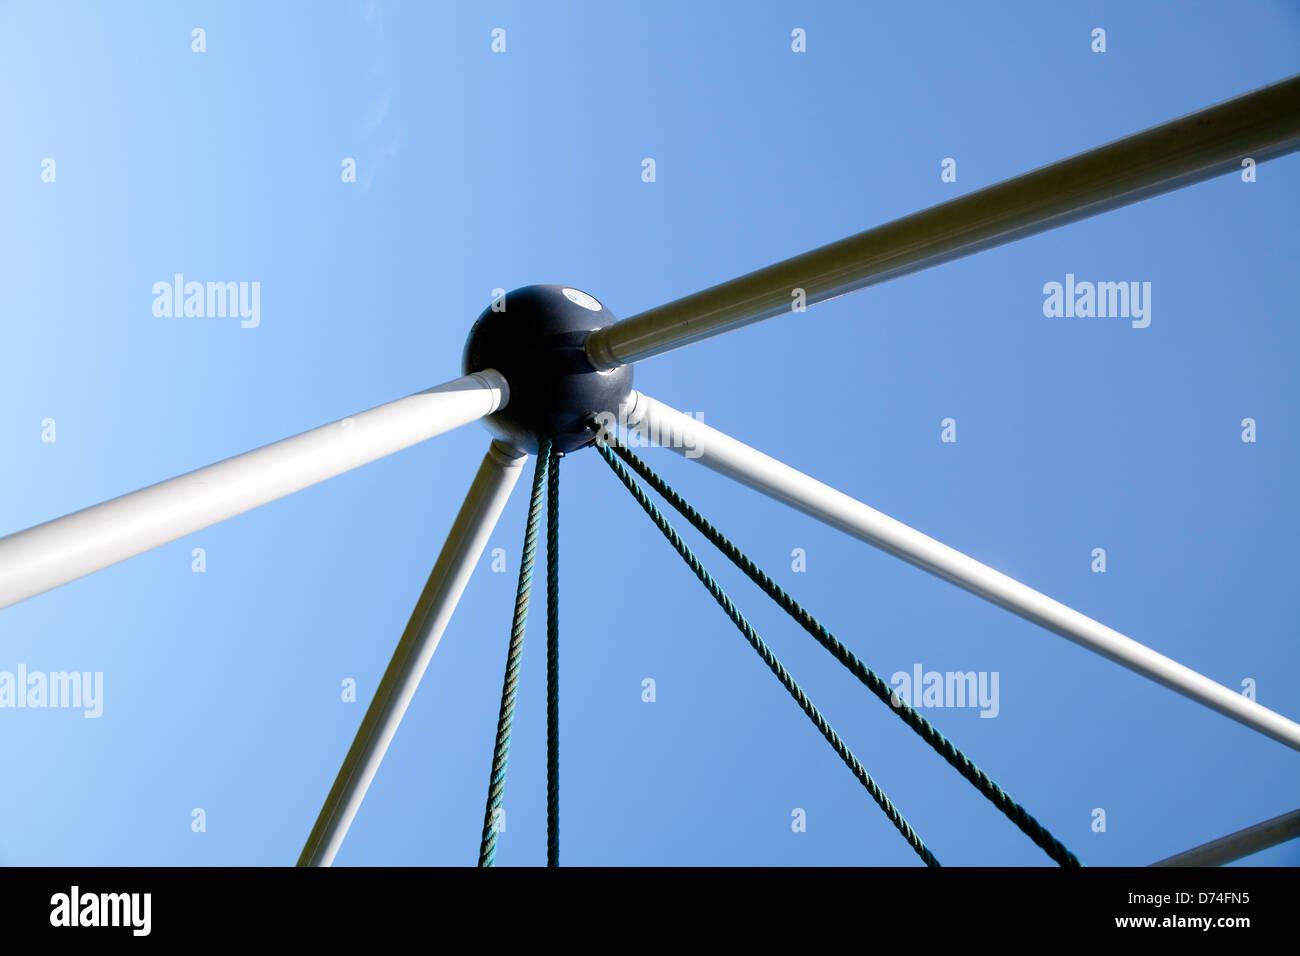 Klettergerüst Mit Seilen : Detail der kinderspielplatz seil klettergerüst gegen blauen himmel